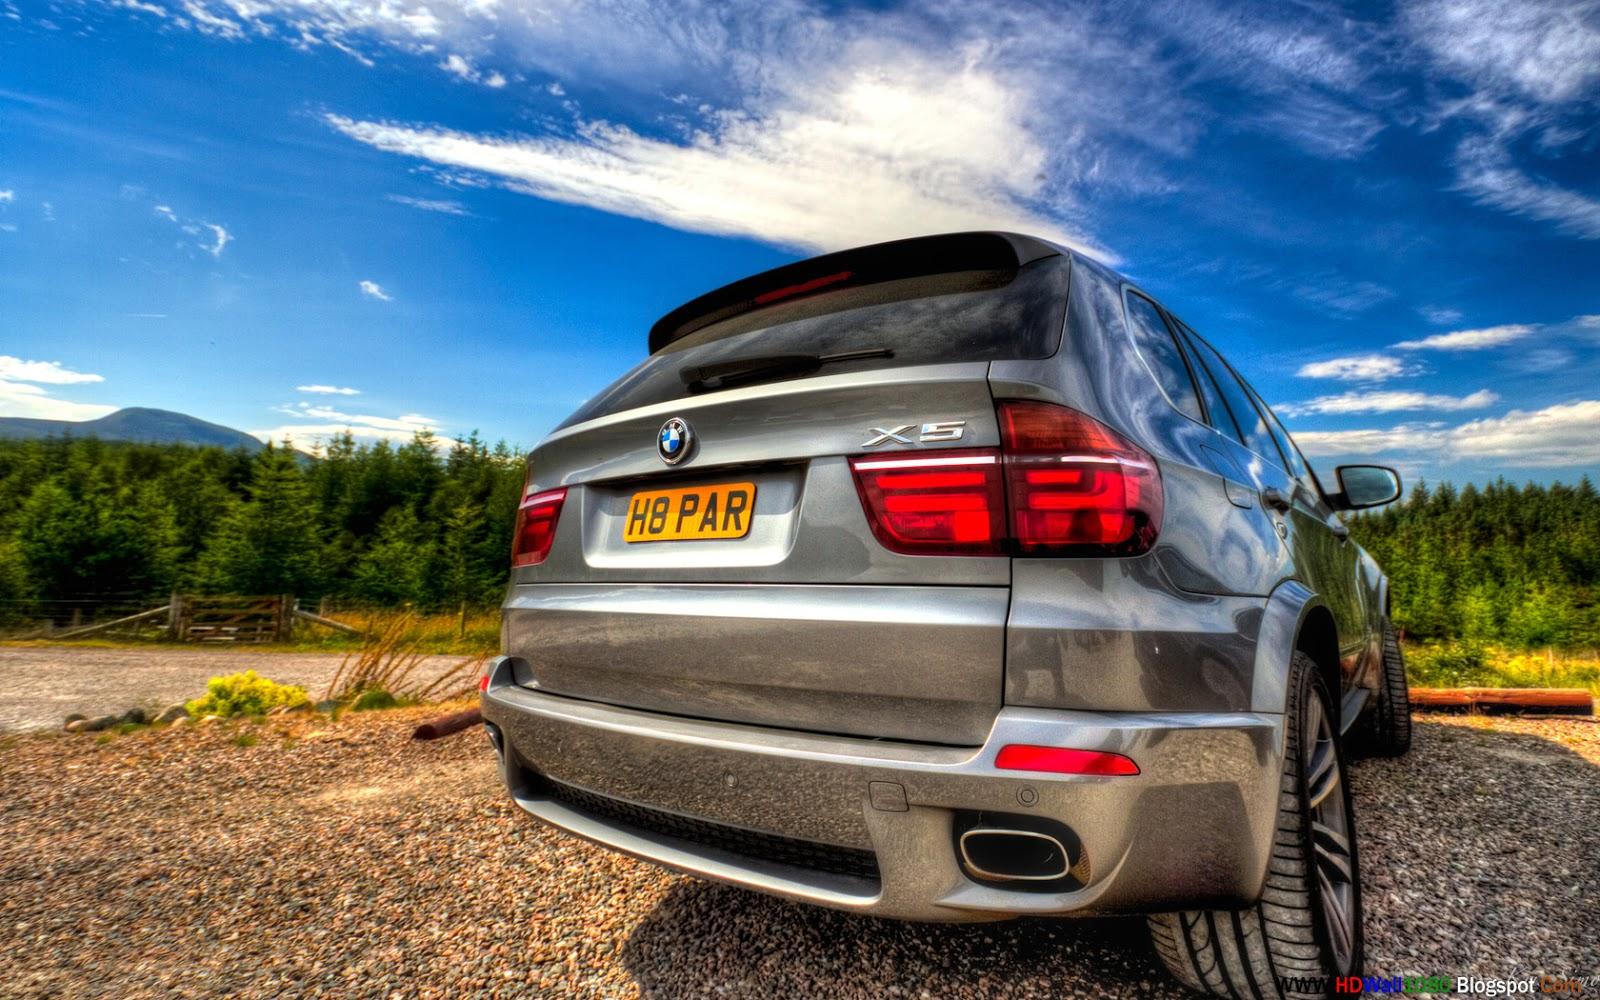 http://3.bp.blogspot.com/-2uSeL99bXM8/UJ50YvRLUqI/AAAAAAAAA1s/7n0guScnmdc/s1600/BMW+SUV+Models+2013+Wallpapers.jpg